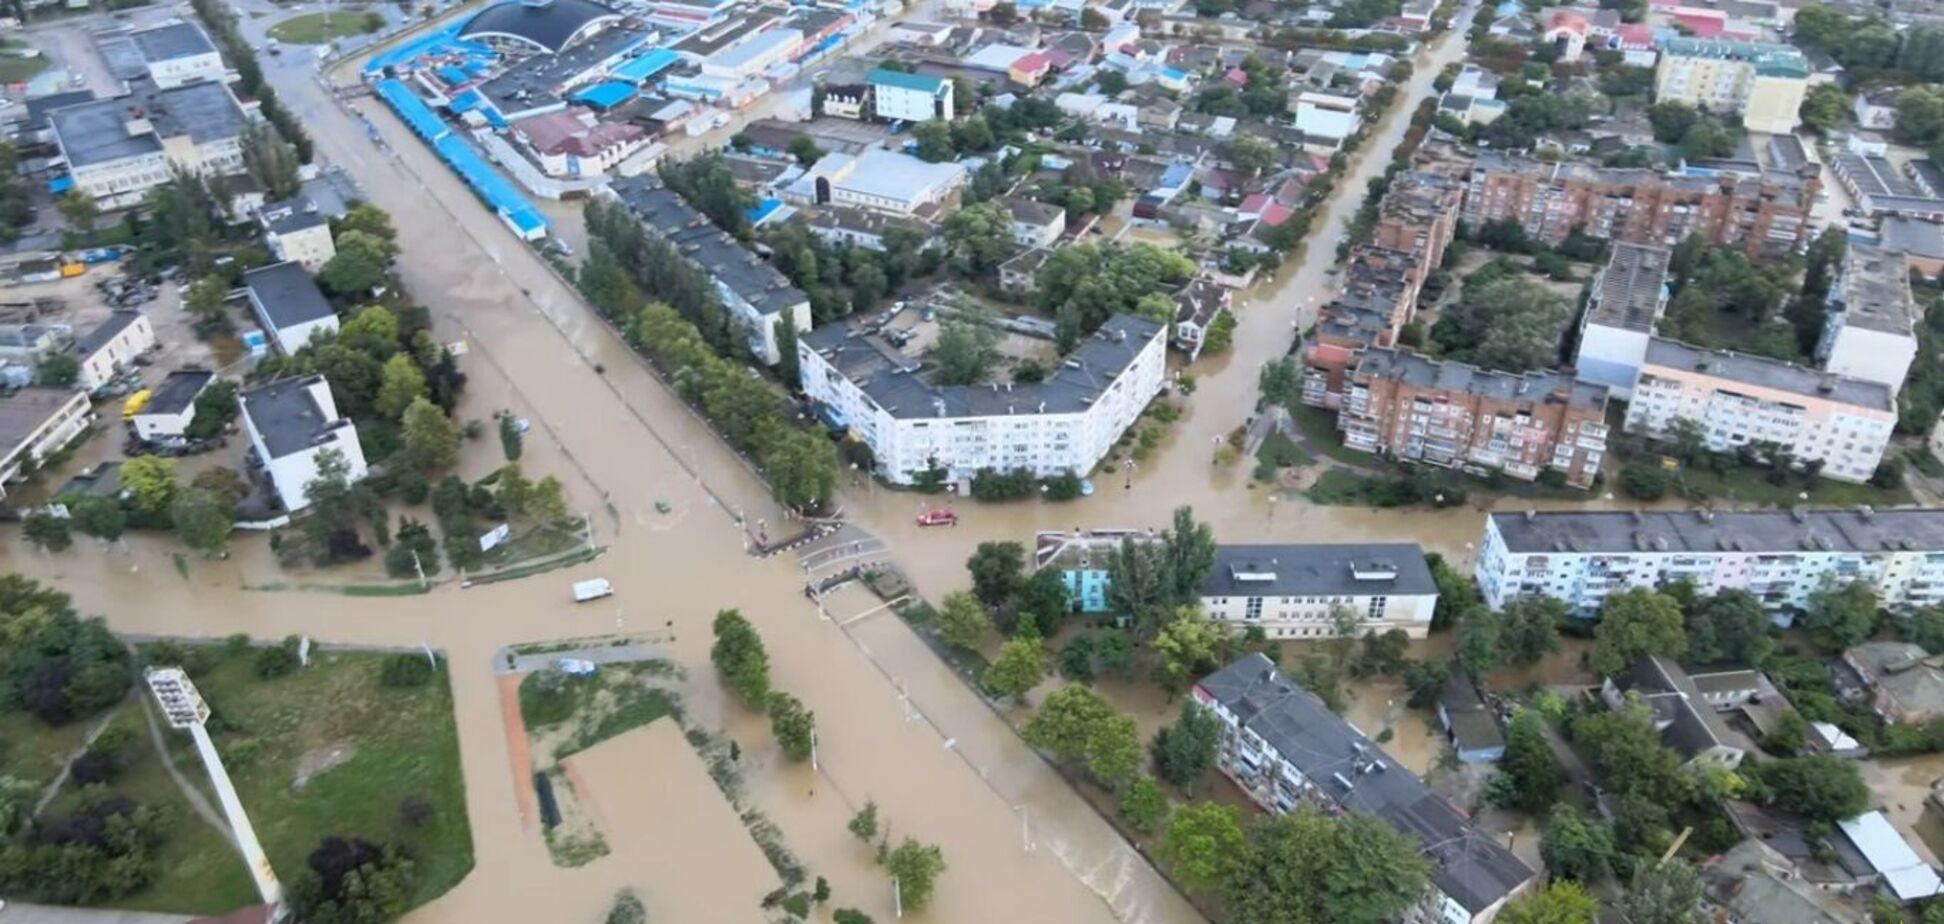 Керчь этой ночью снова ушла под воду. Плавают машины, затоплены дома, улицы, дороги. Часть города накрыл блэкаут